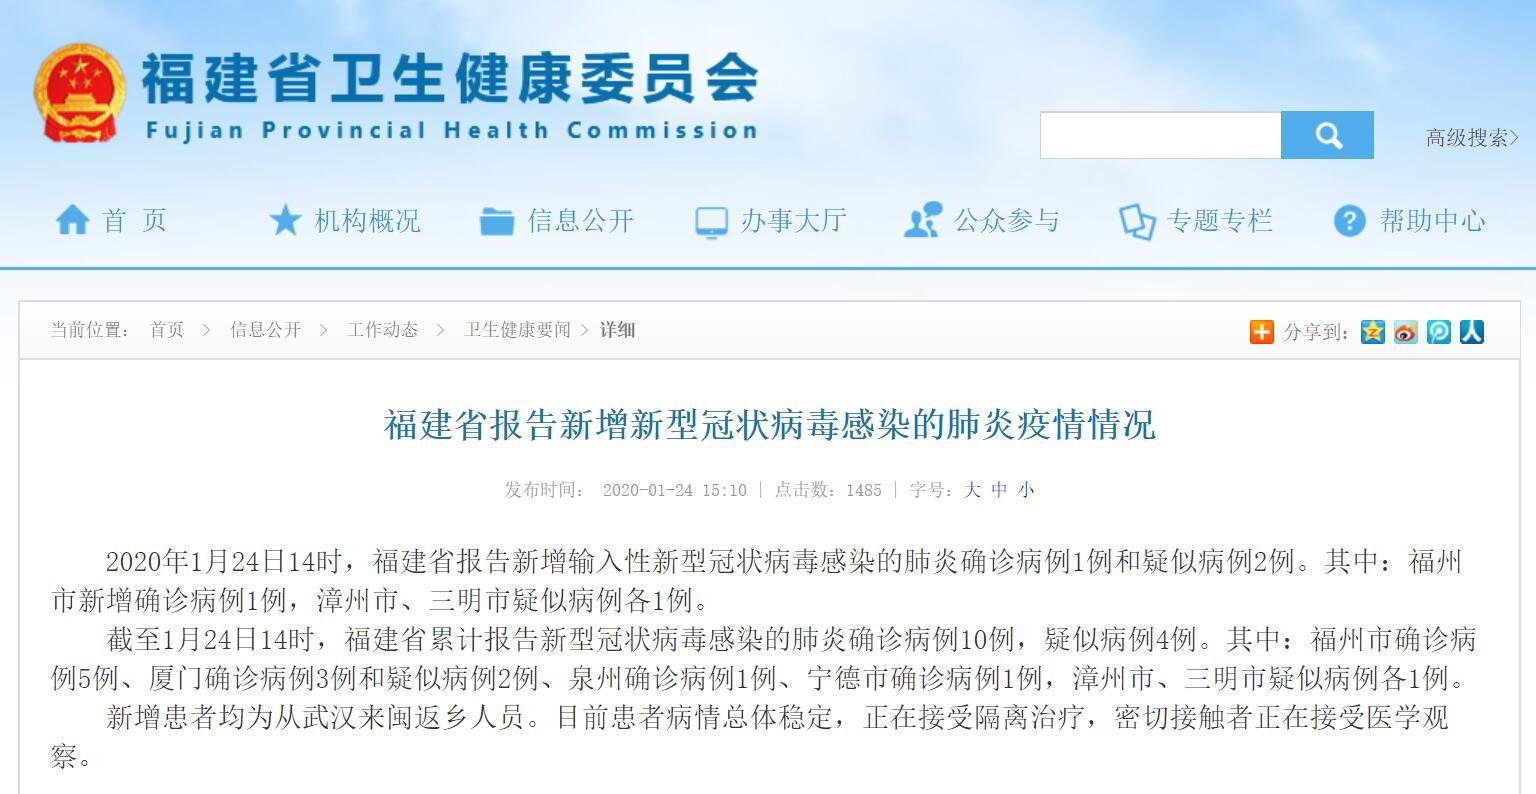 福州市新增确诊病例1例,漳州市、三明市疑似病例各1例